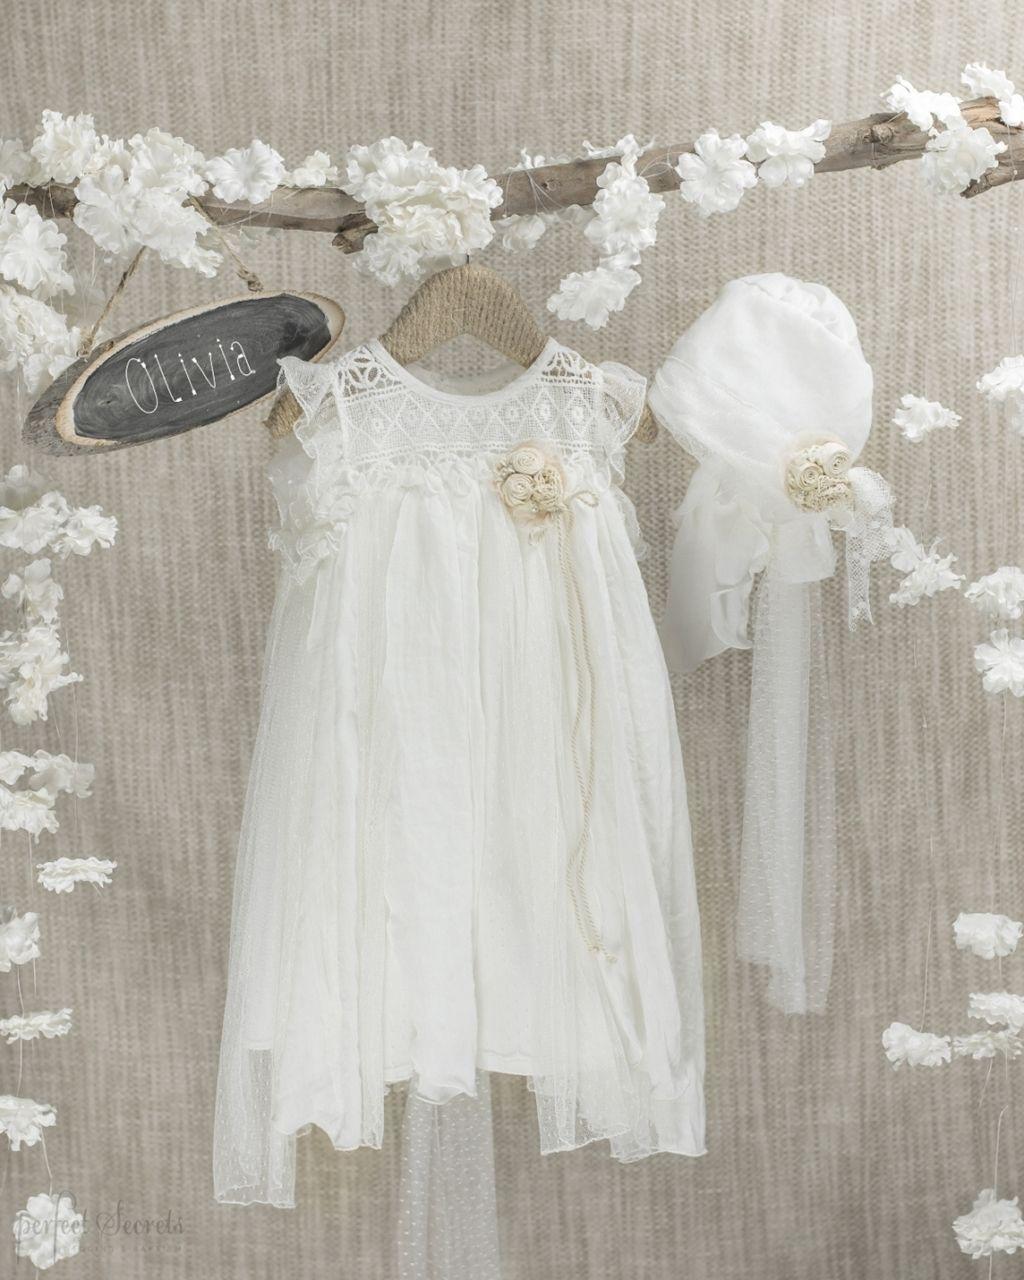 5a907c5b6ac bambolino βαπτιστικά ρούχα για κορίτσι, μπομπονιέρες γάμου, μπομπονιέρες  βάπτισης, Χειροποίητες μπομπονιέρες γάμου,